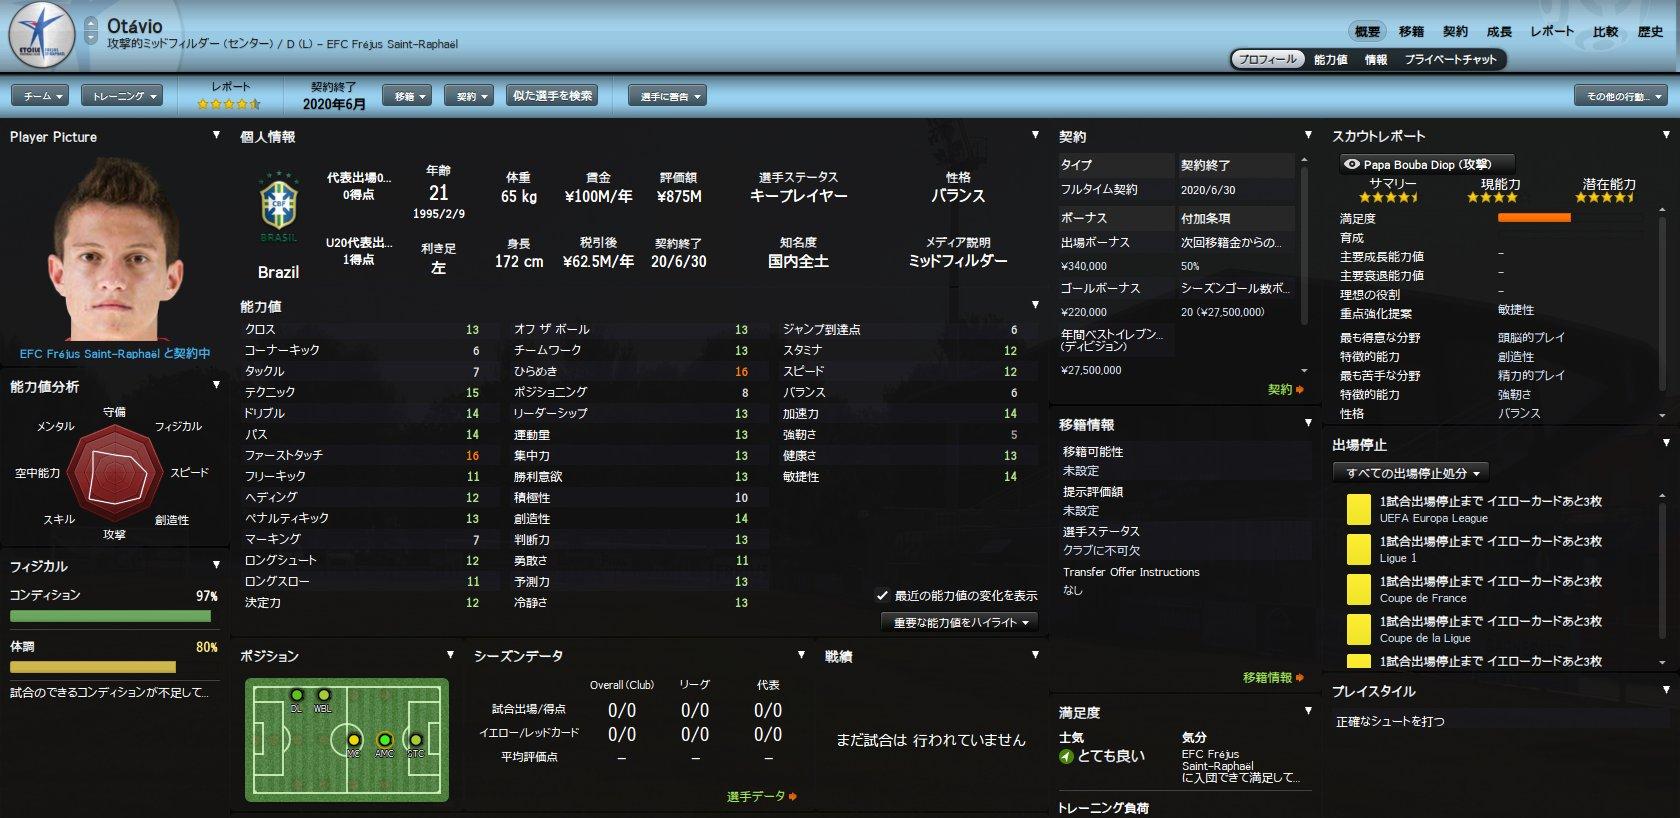 WS004819.jpg